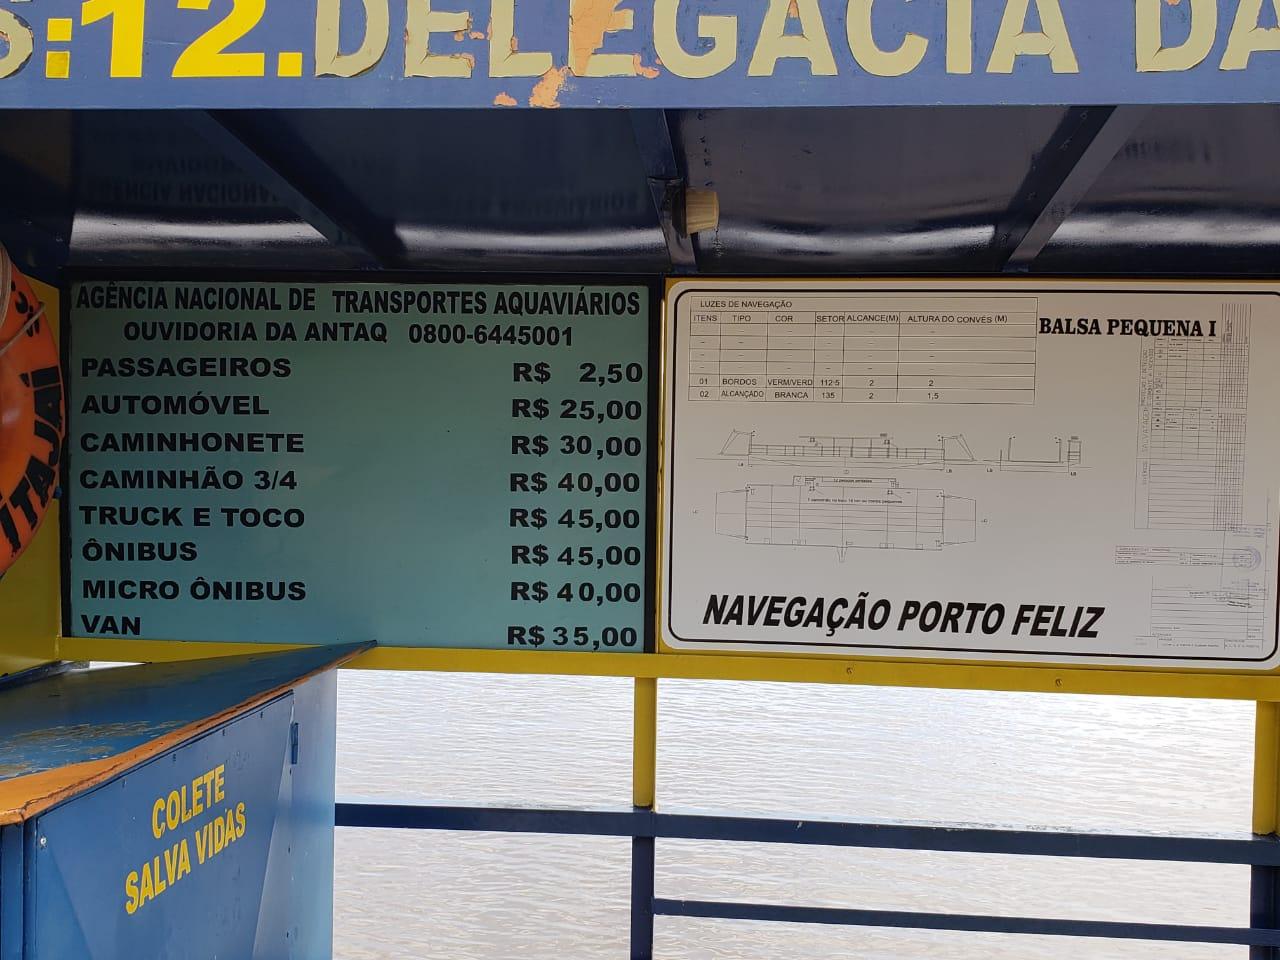 Navegação Porto Feliz de Mondaí mantém travessia sobre o Rio Uruguai há cerca de 40 anos